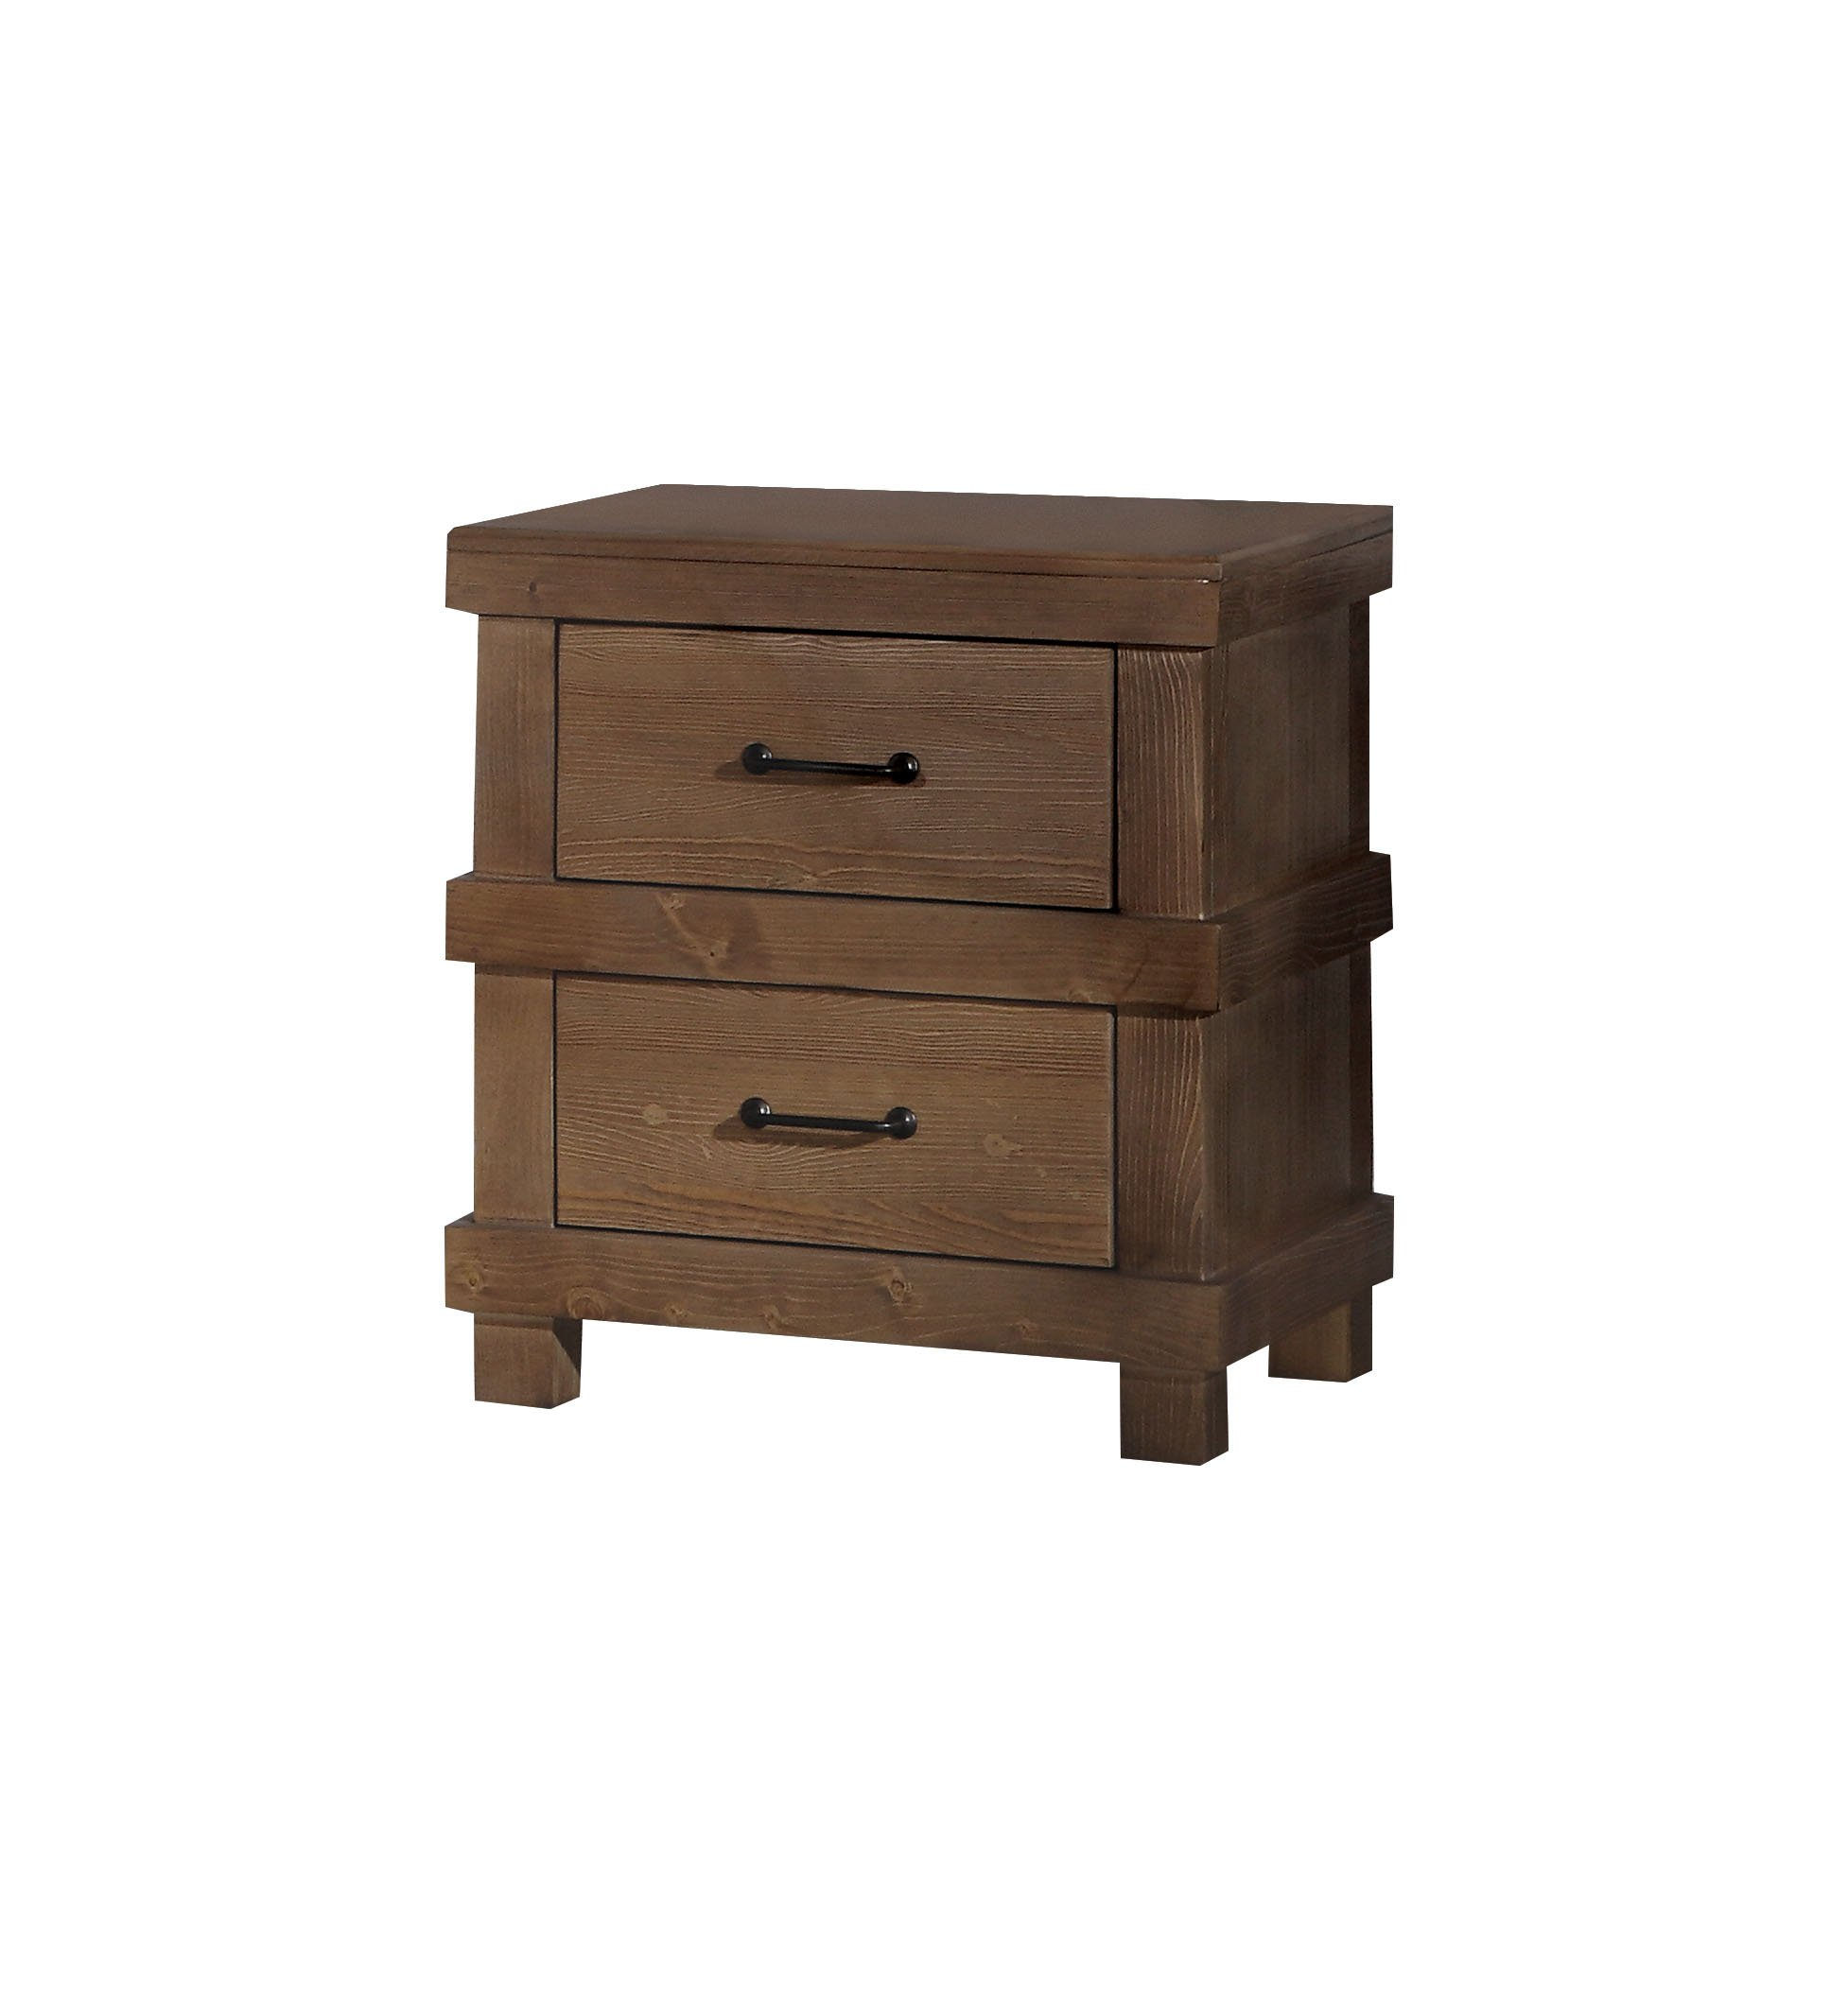 ACME Adams Antique Oak Nightstand - Two drawers Metal frame Wood panels - nightstands, bedroom-furniture, bedroom - 71NKPP5Mw7L -